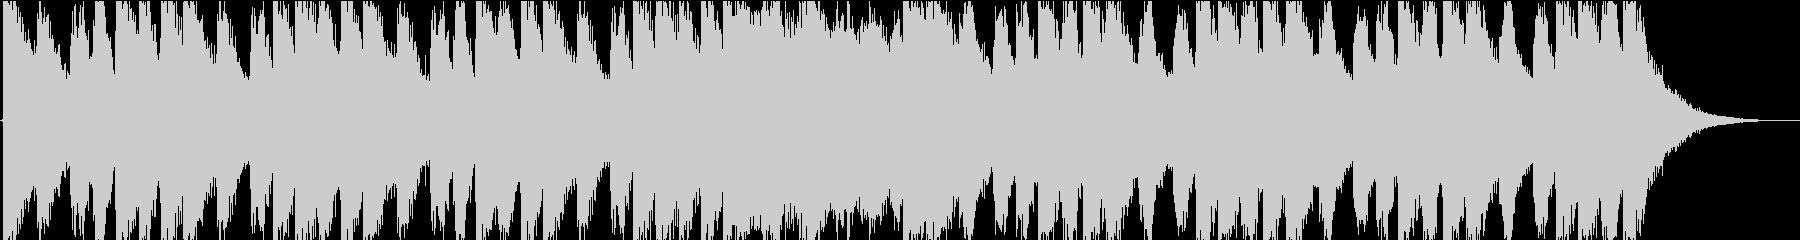 明るいファンファーレタイプの曲の未再生の波形